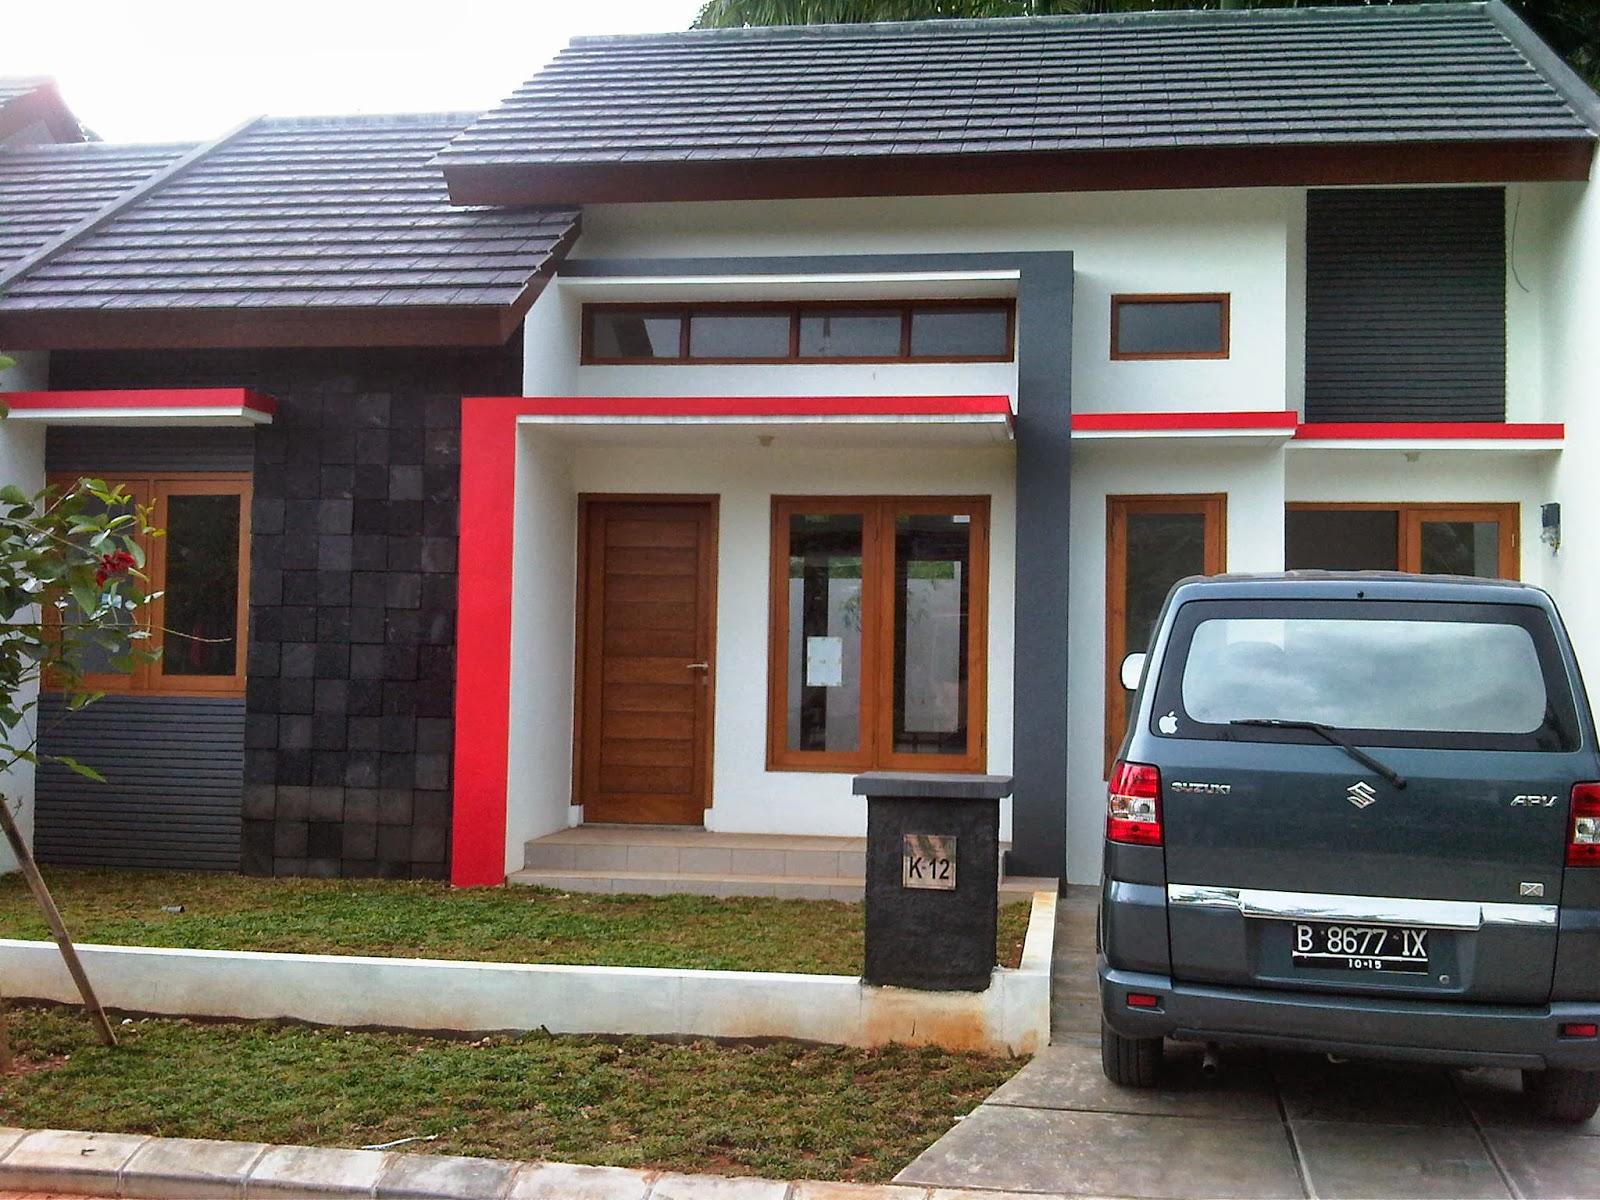 Rumah bertype 45 sederhana & Rumah Sederhana Type 45 Minimalis   Gambar Desain Rumah Minimalis